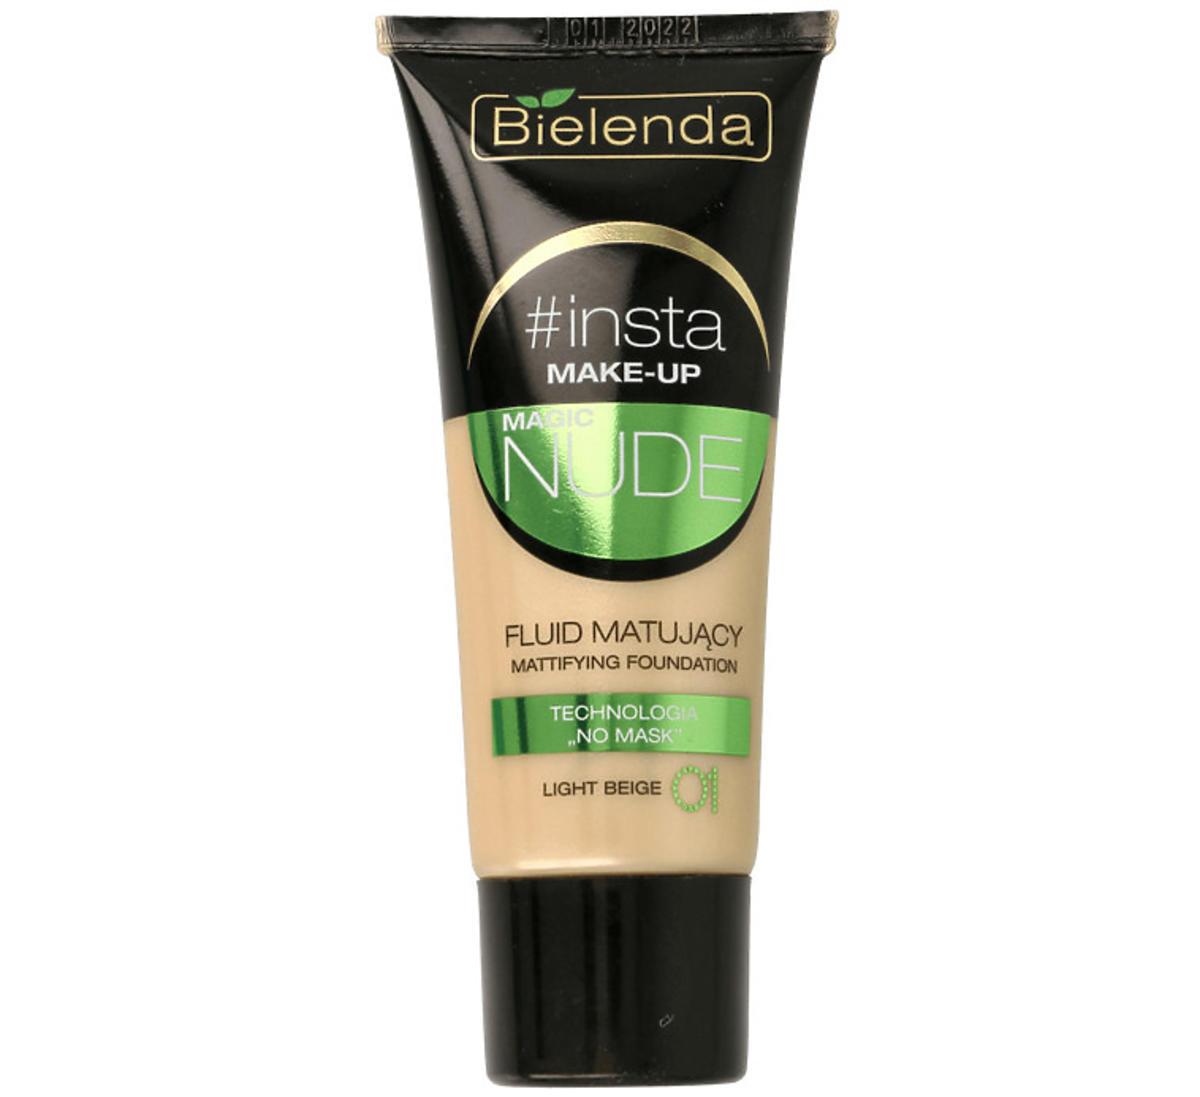 BIELENDA Insta Make-up Magic Nude